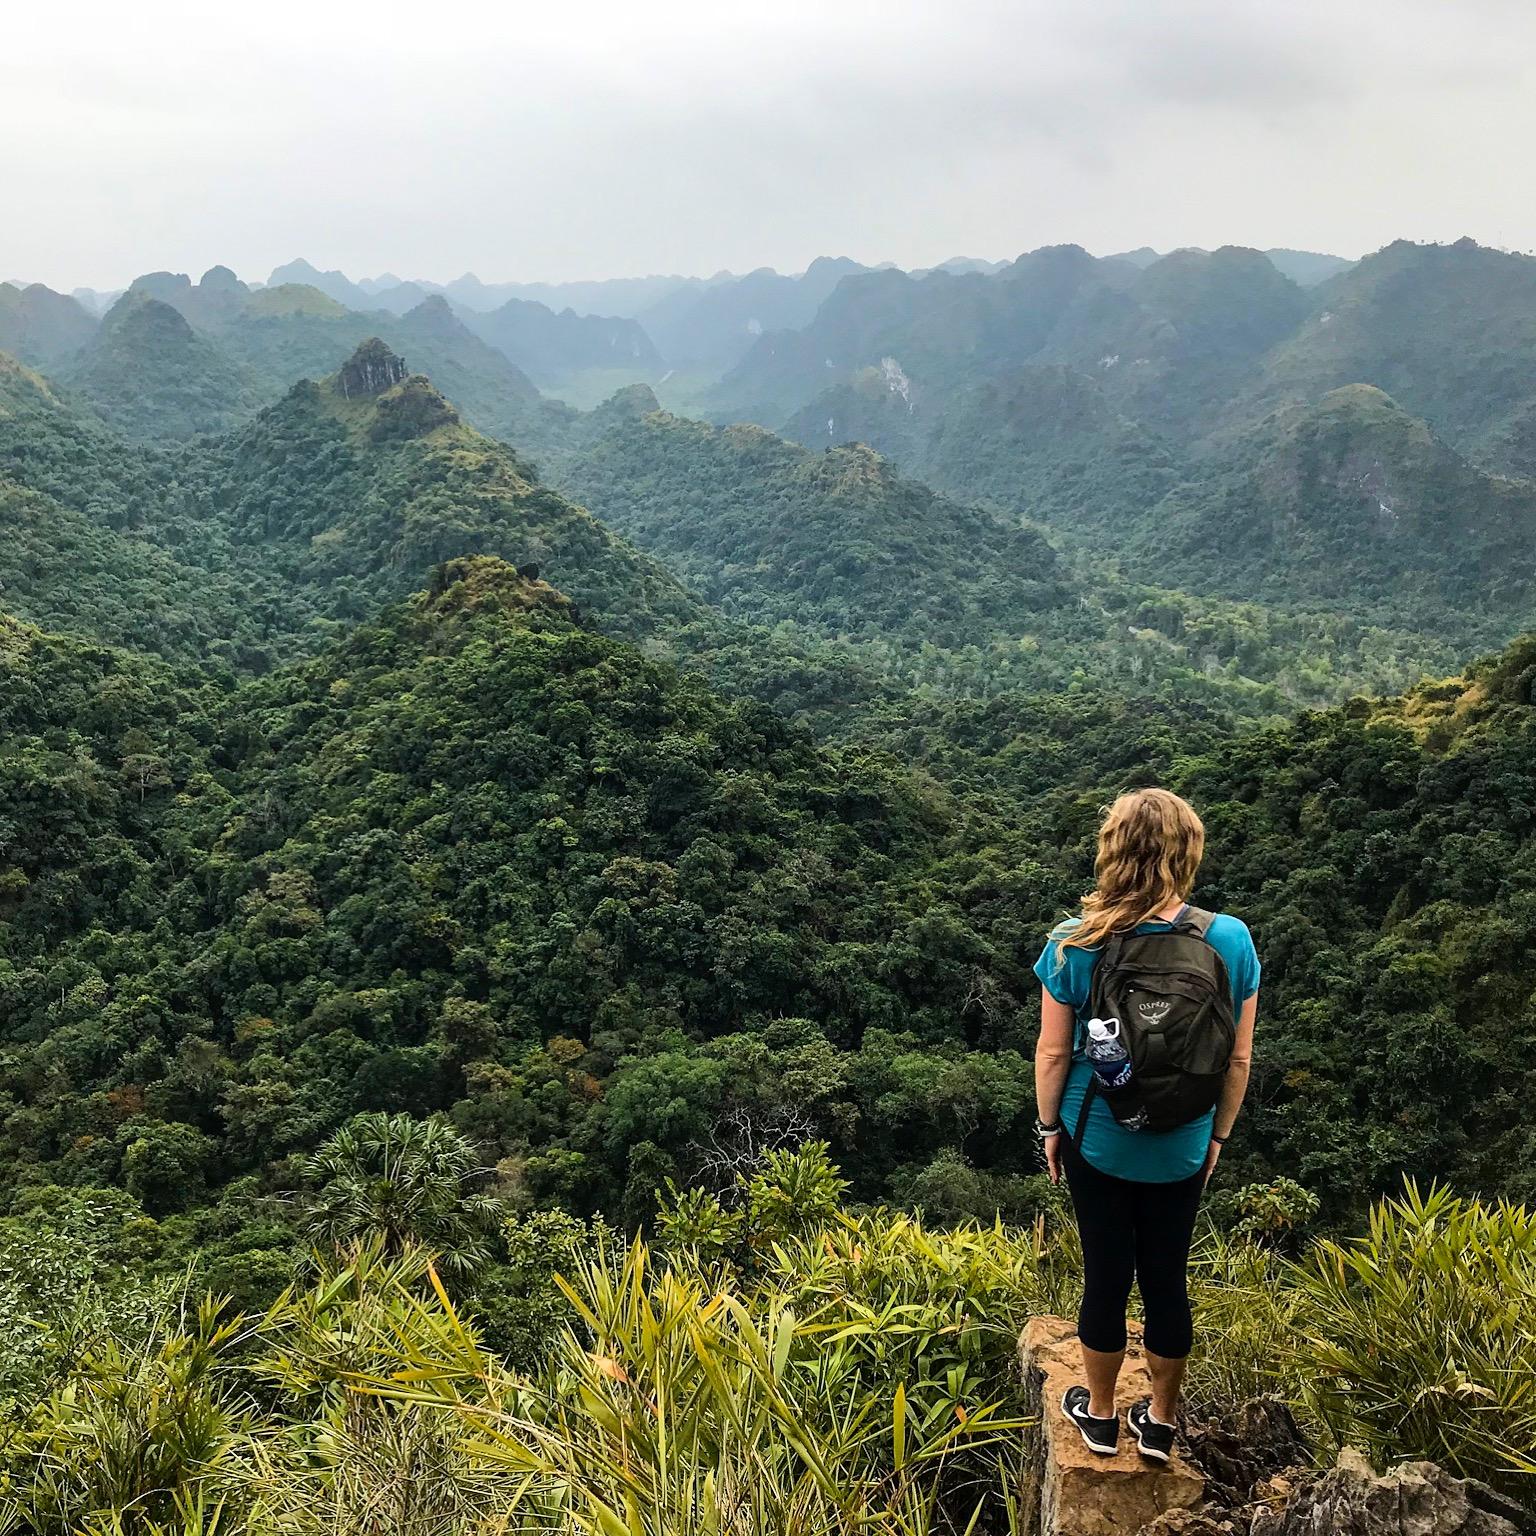 On the Edge of the Wild (Vietnam)